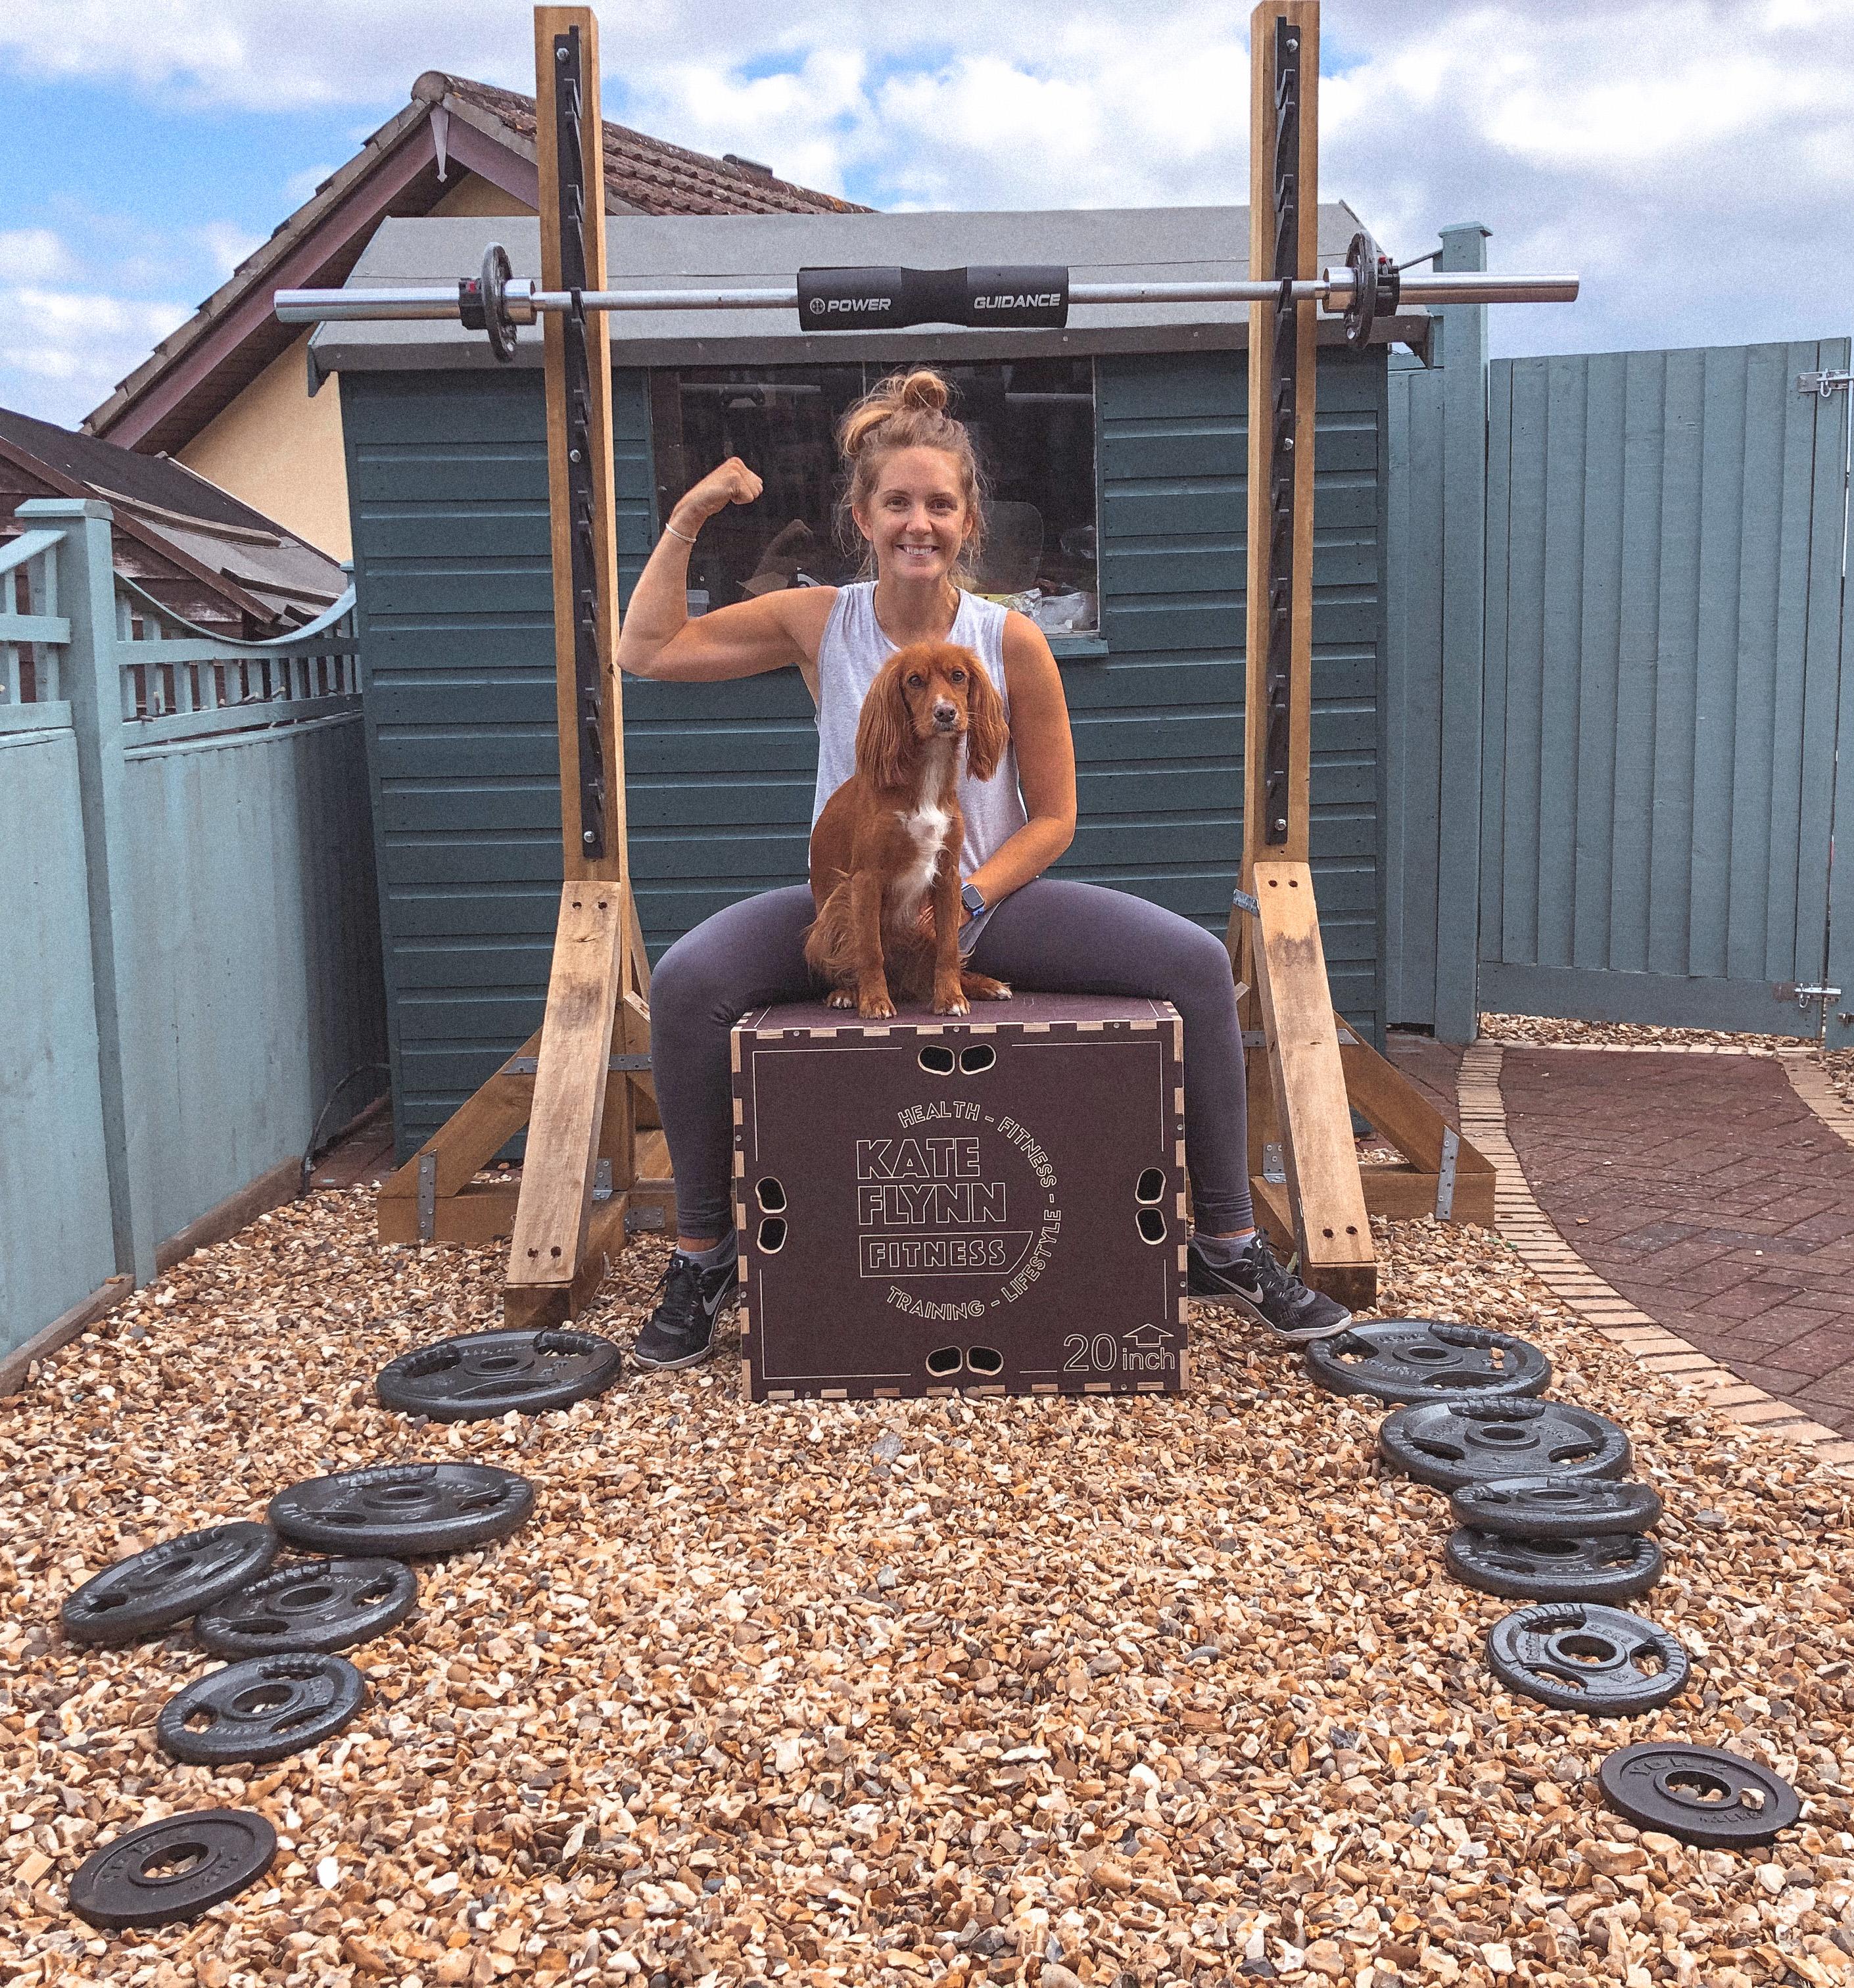 Garden gym workout motivation